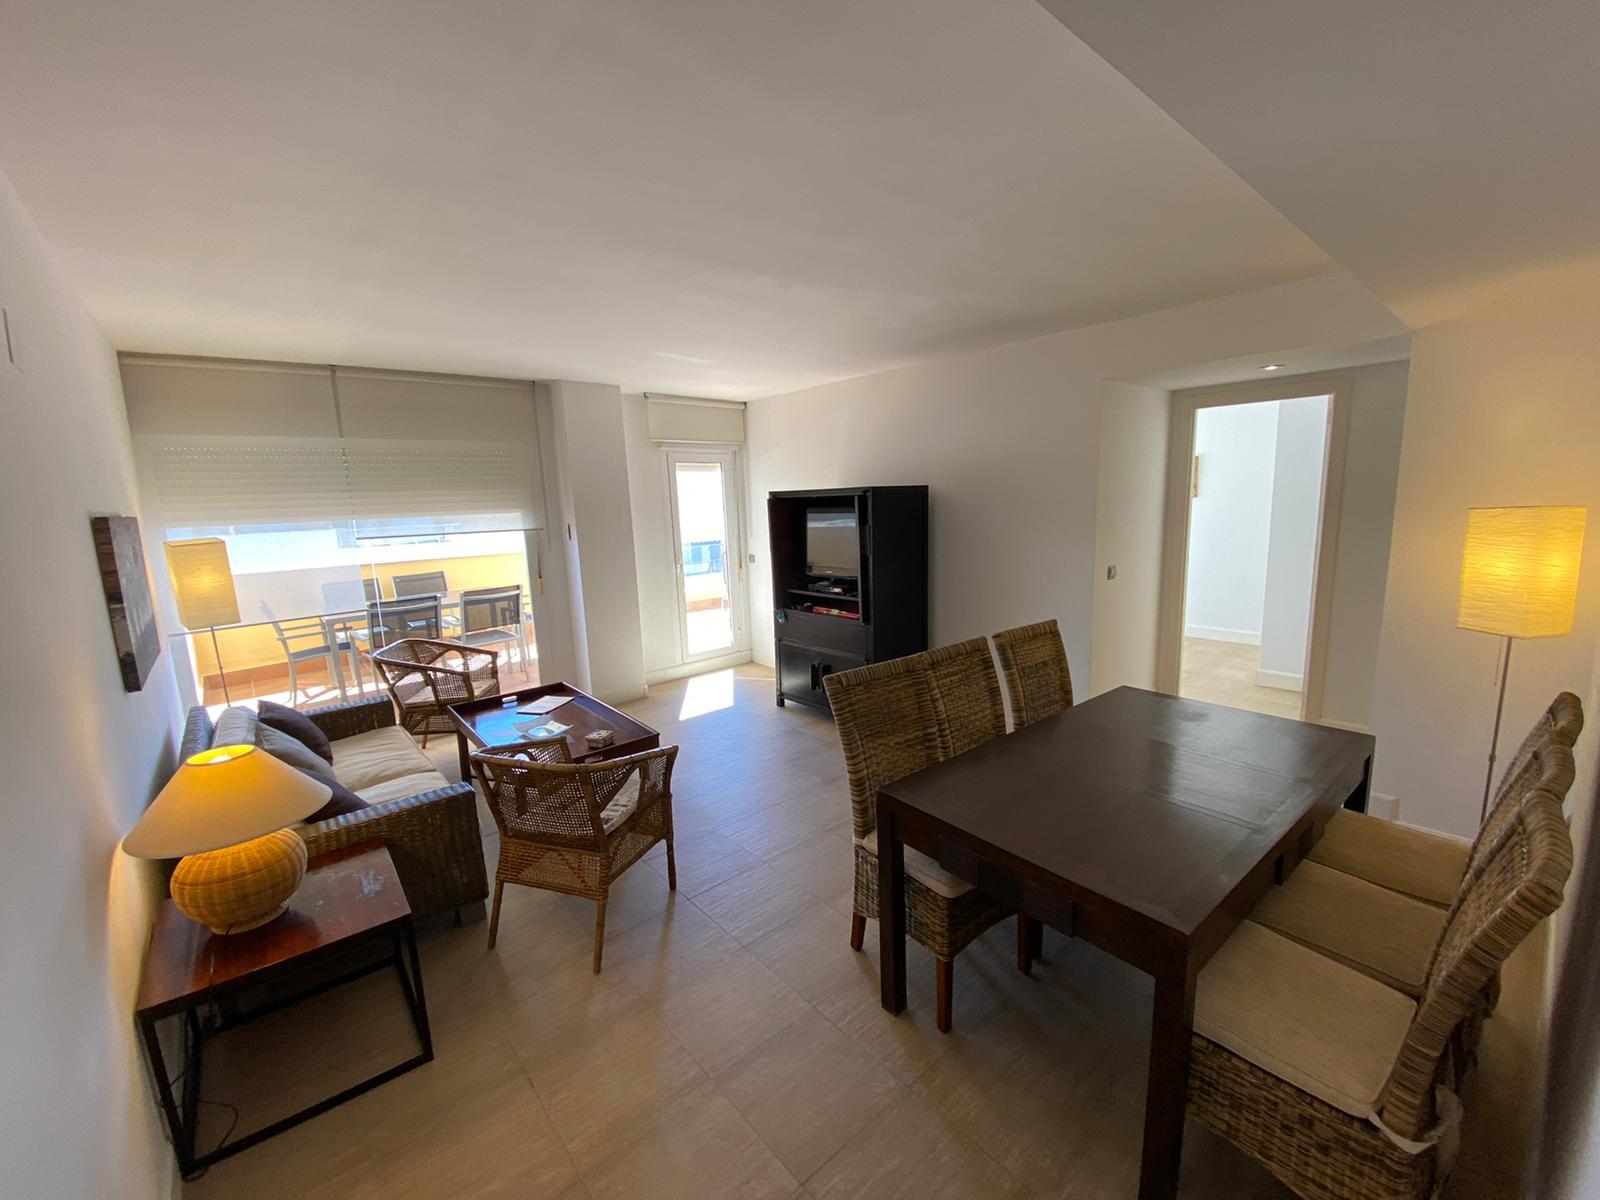 Imagen 3 del Apartamento Turístico, Ático 6 Poniente (3d+2b), Punta del Moral (HUELVA), Paseo de la Cruz nº22